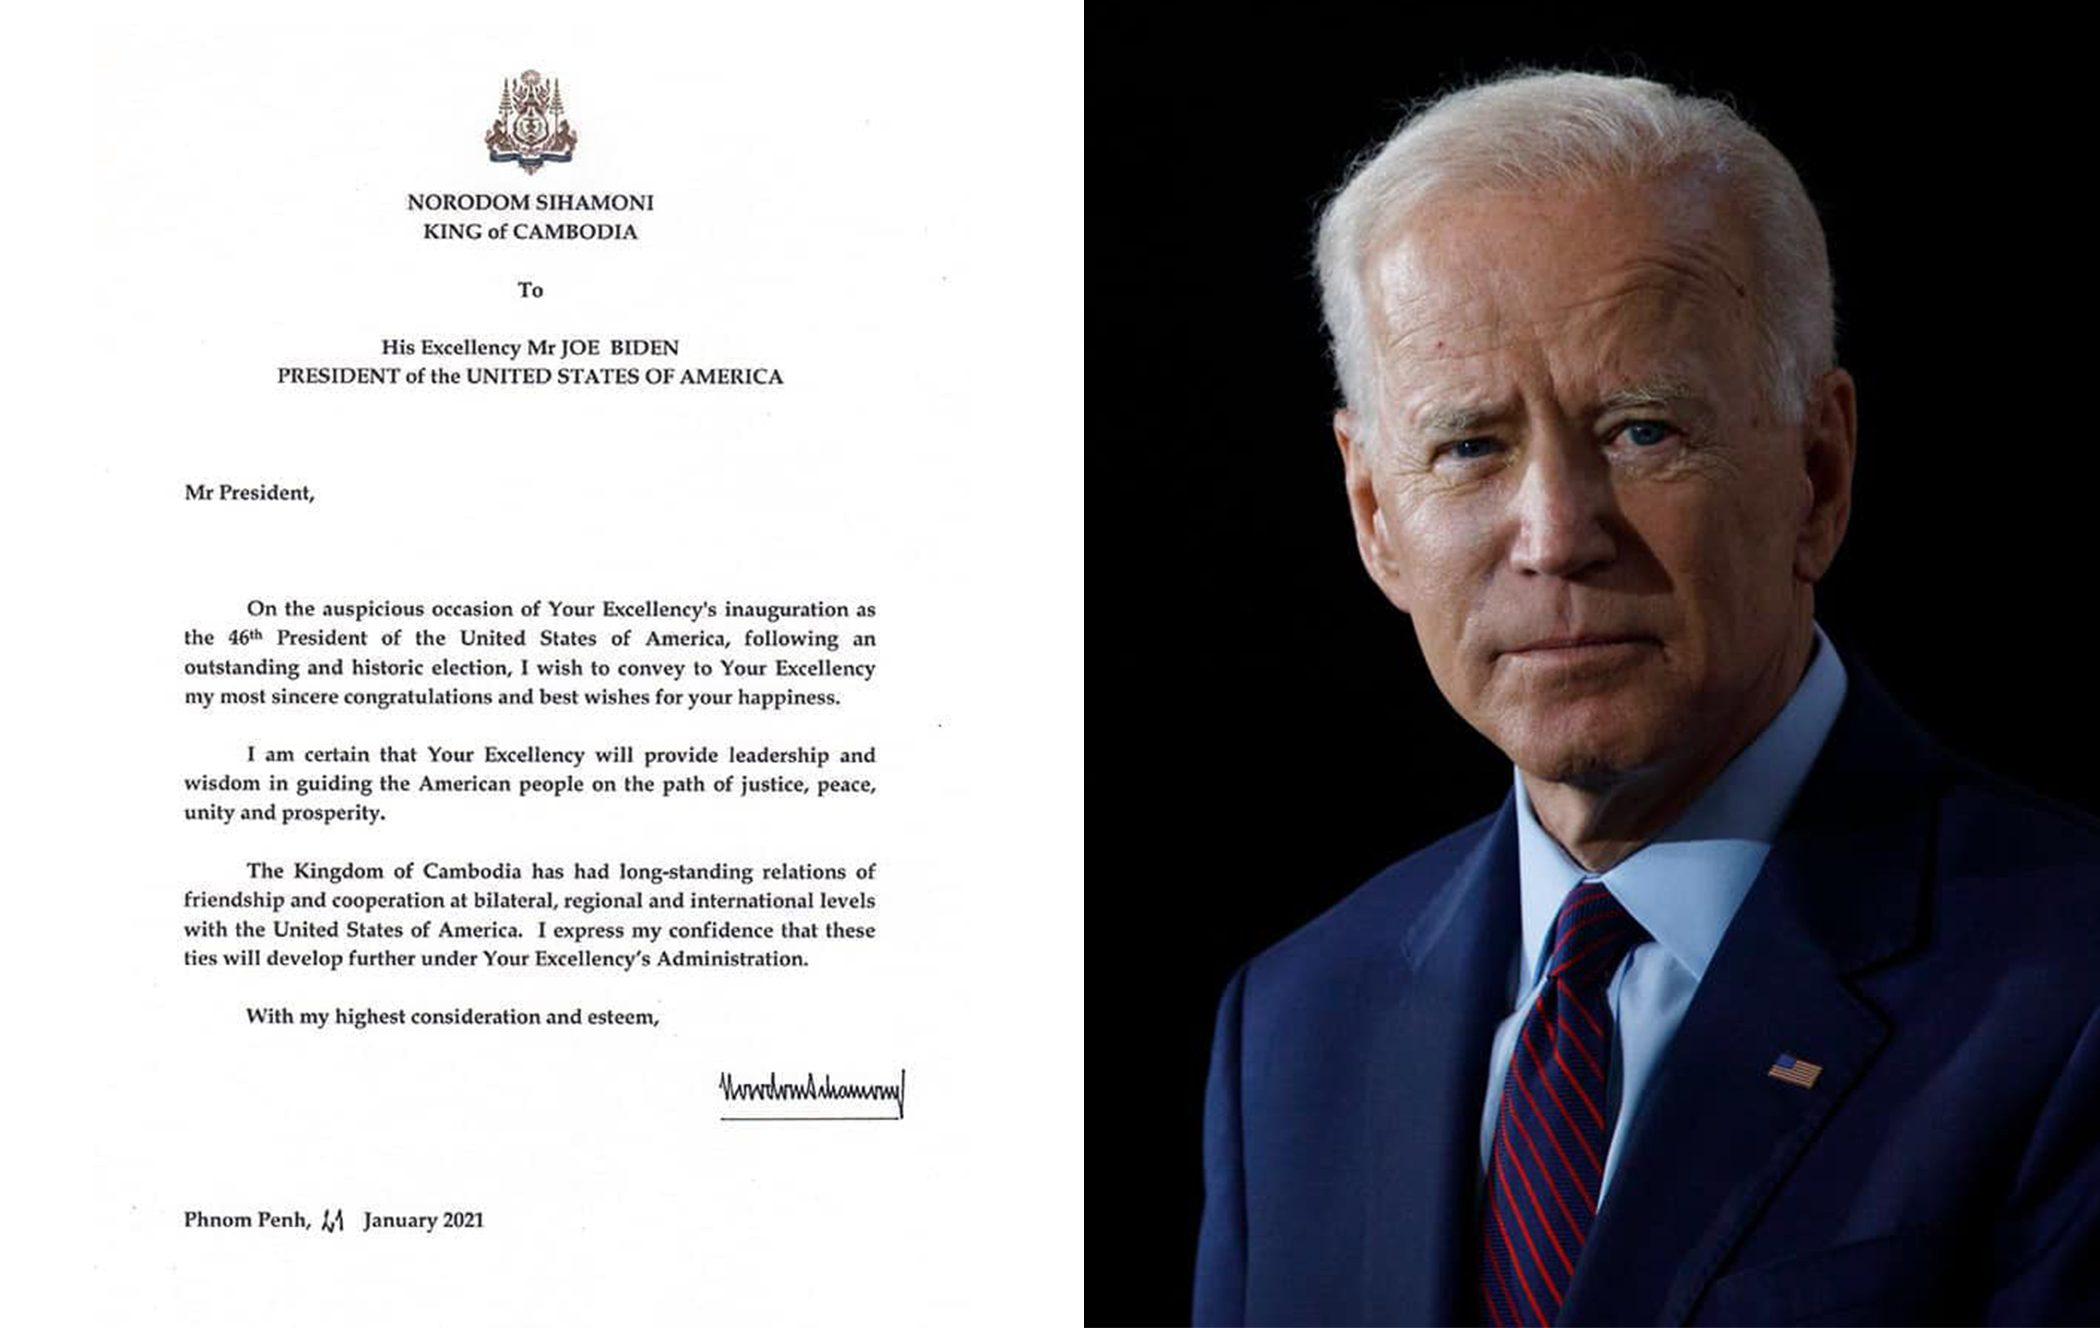 ព្រះមហាក្សត្រកម្ពុជា ផ្ញើសារអបអរលោក Joe Biden ក្លាយជាប្រធានាធិបតីទី៤៦ ជាផ្លូវការ របស់អាមេរិក